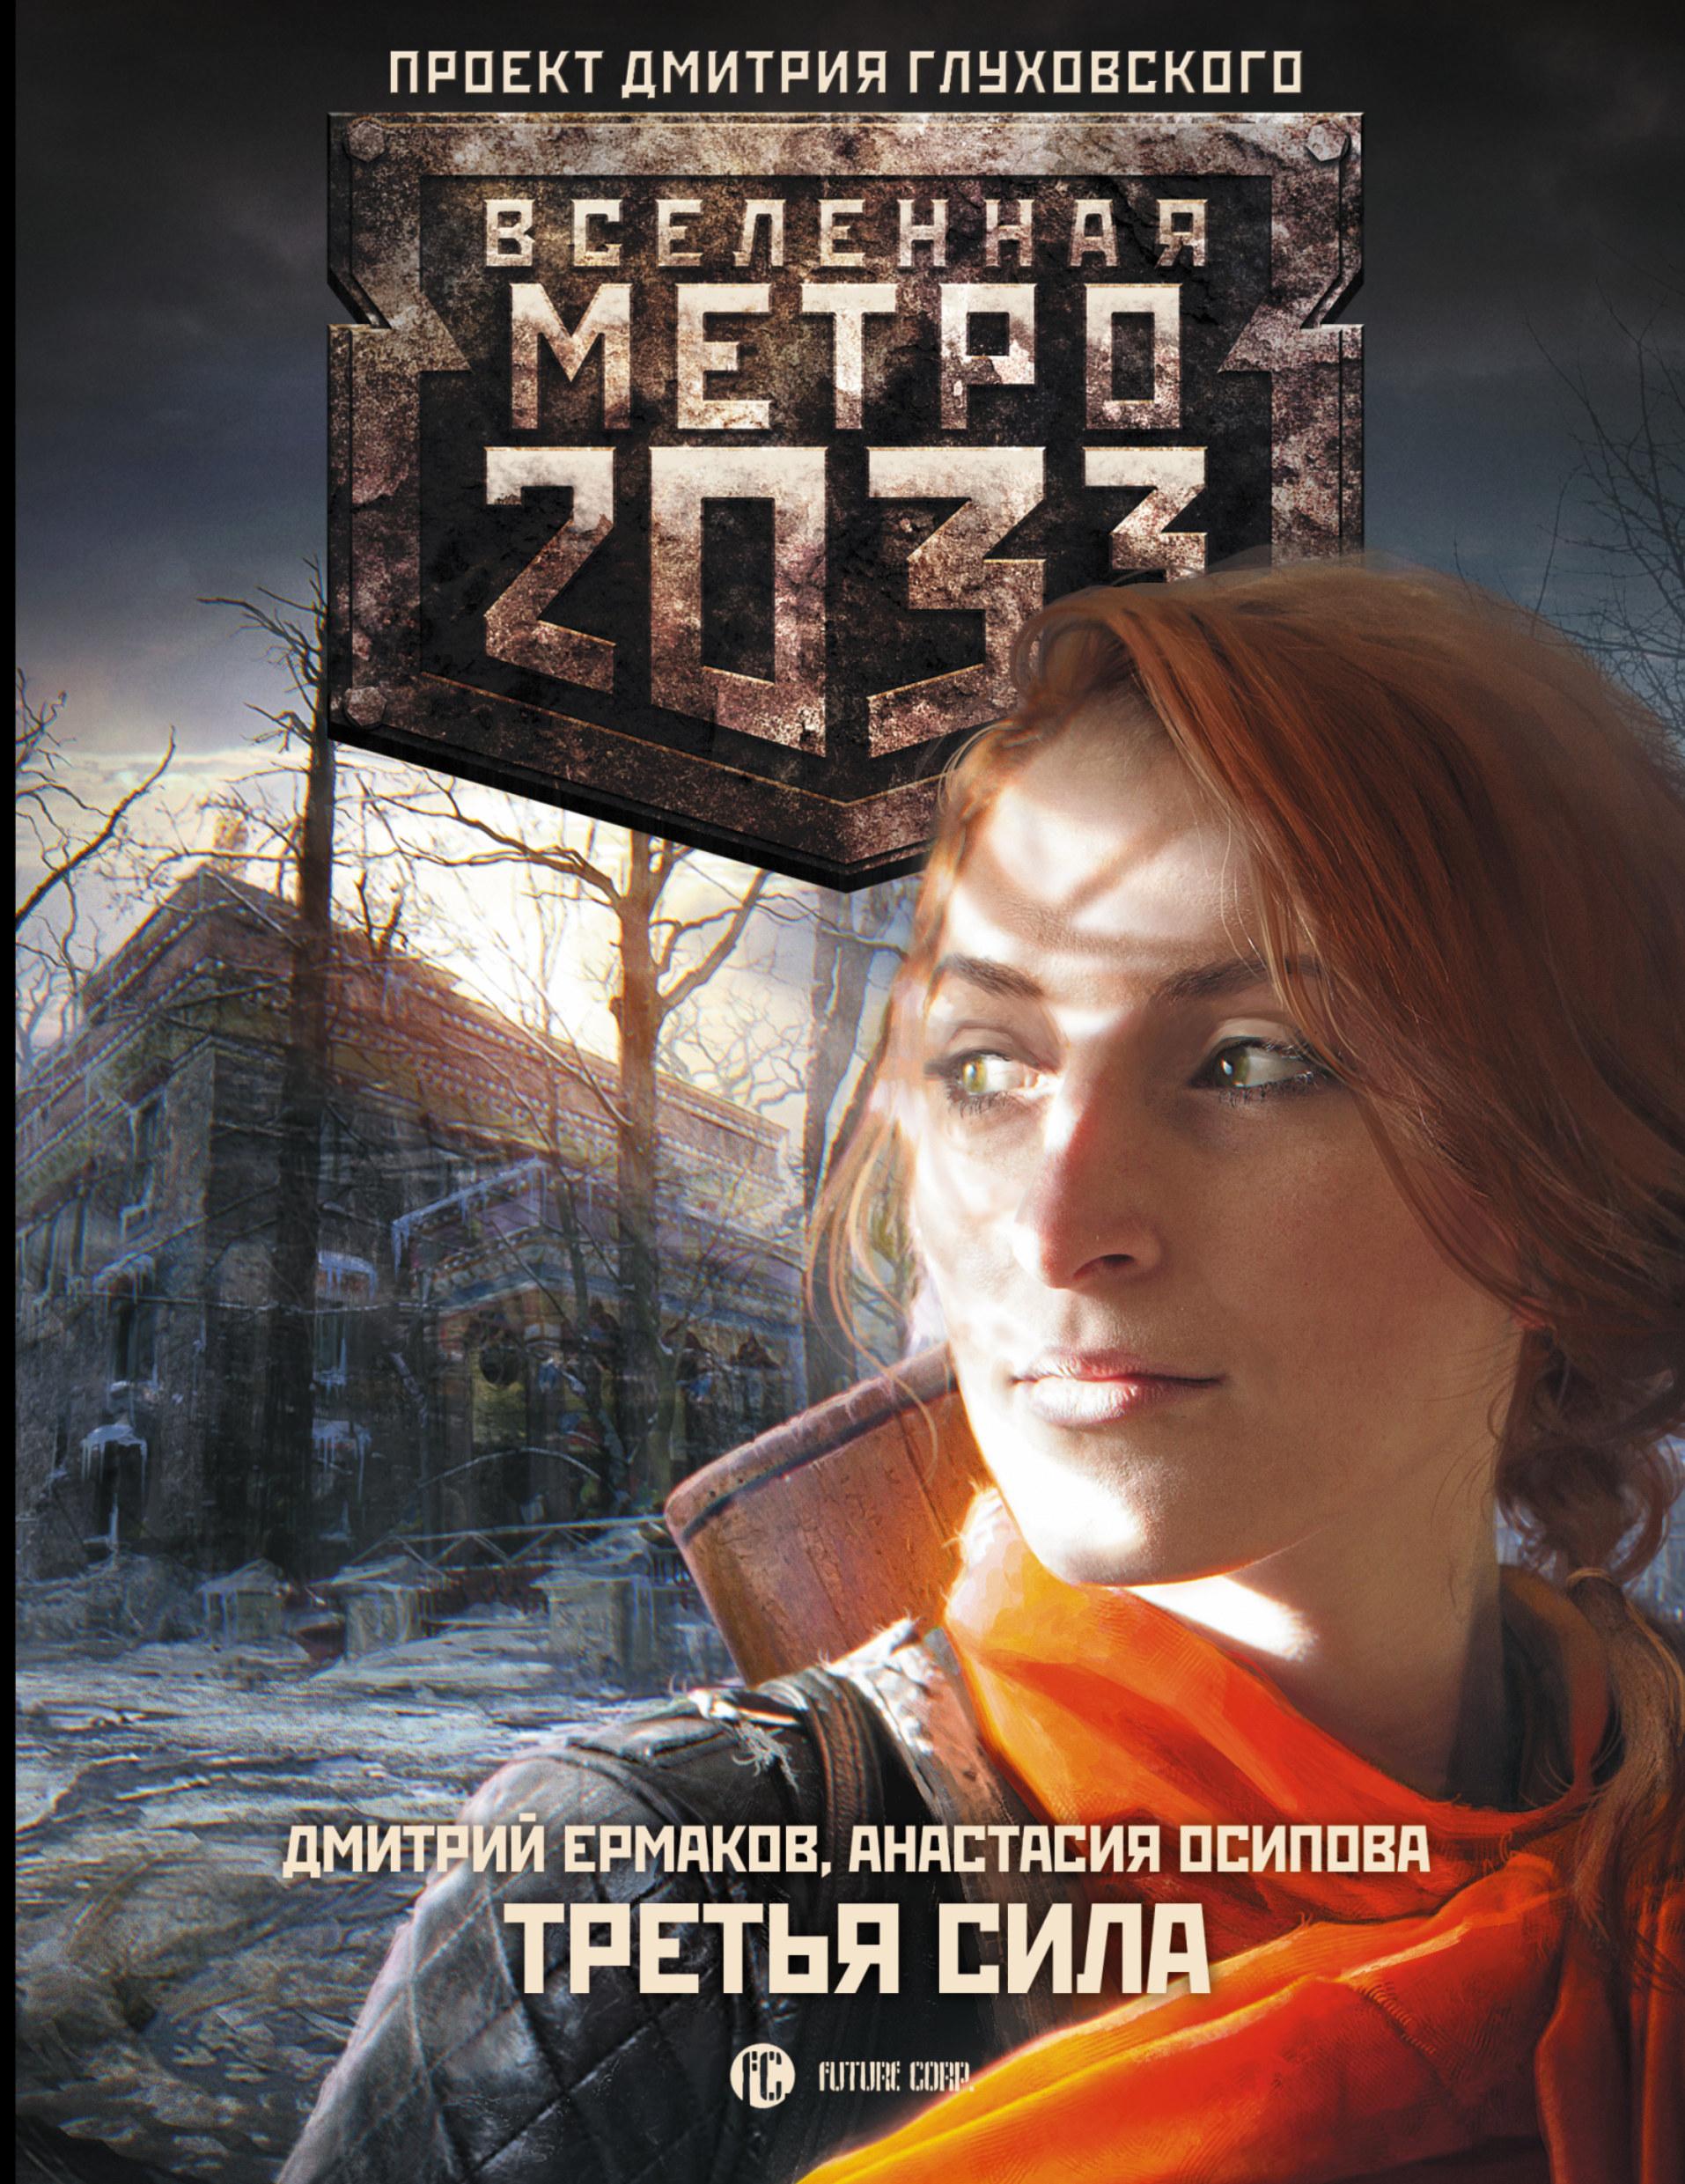 Скачать книгу серии метро 2033 третья сила